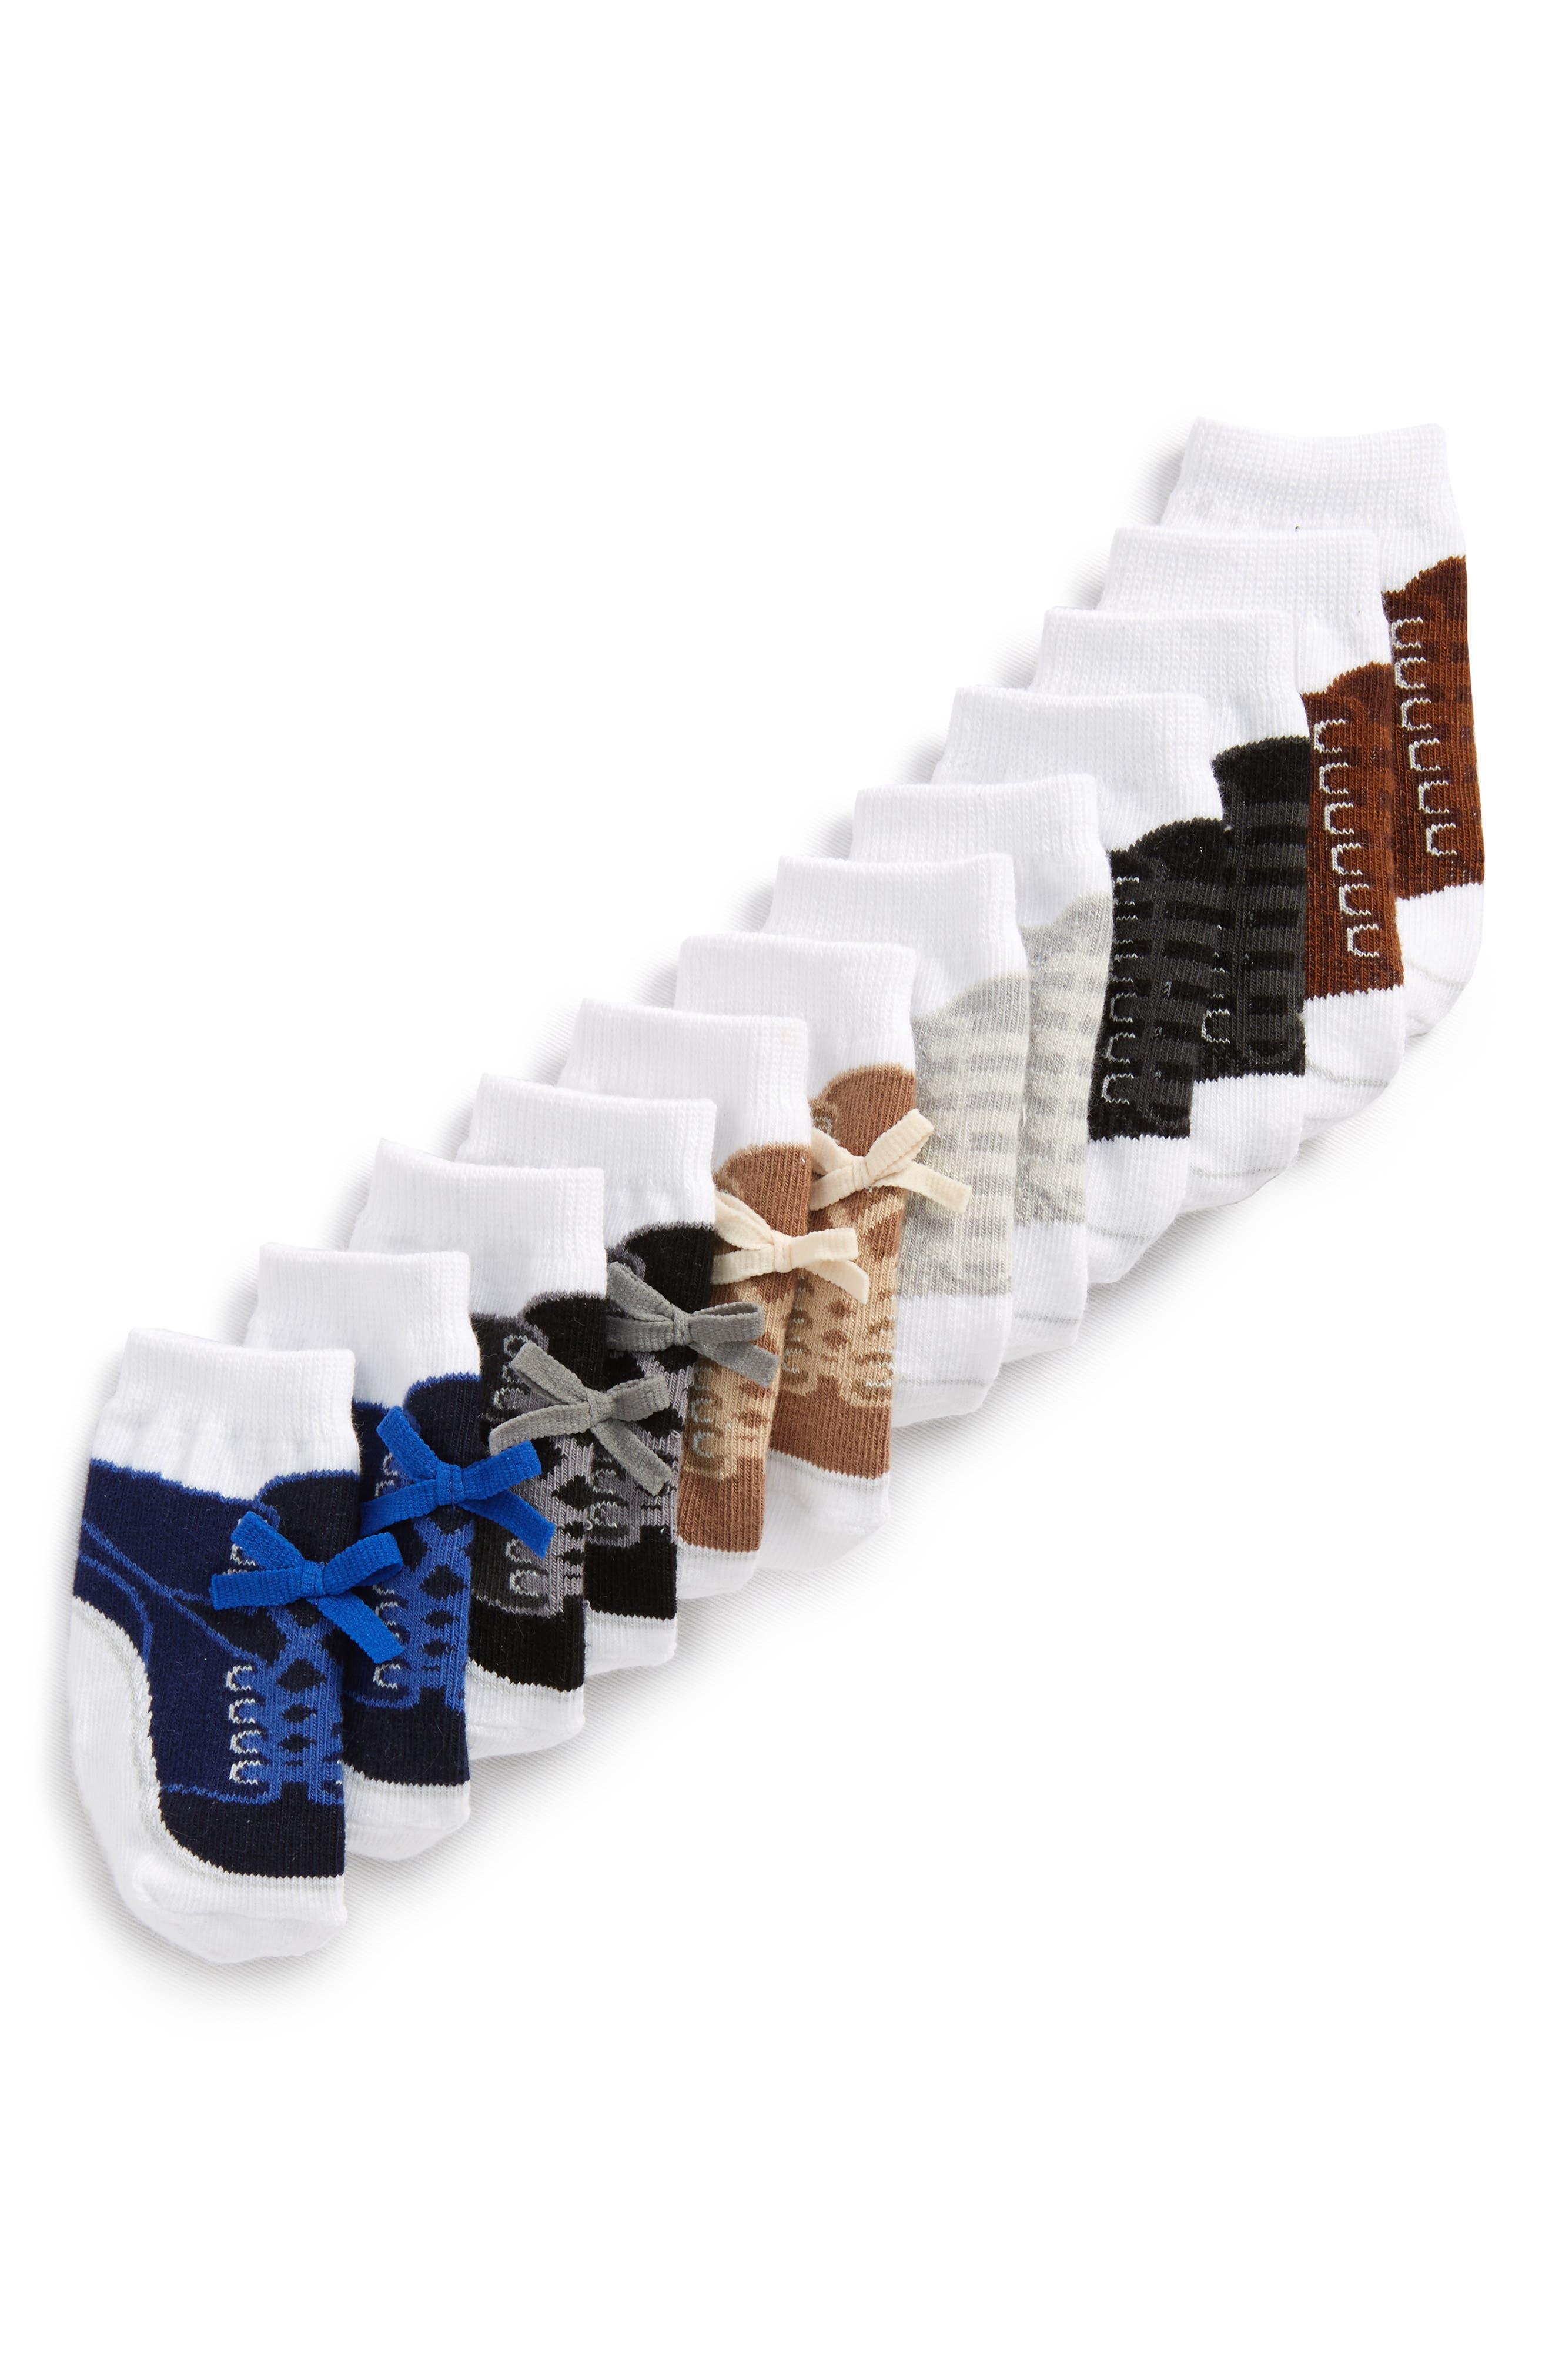 Brayden 6-Pack Socks,                             Alternate thumbnail 2, color,                             Assorted